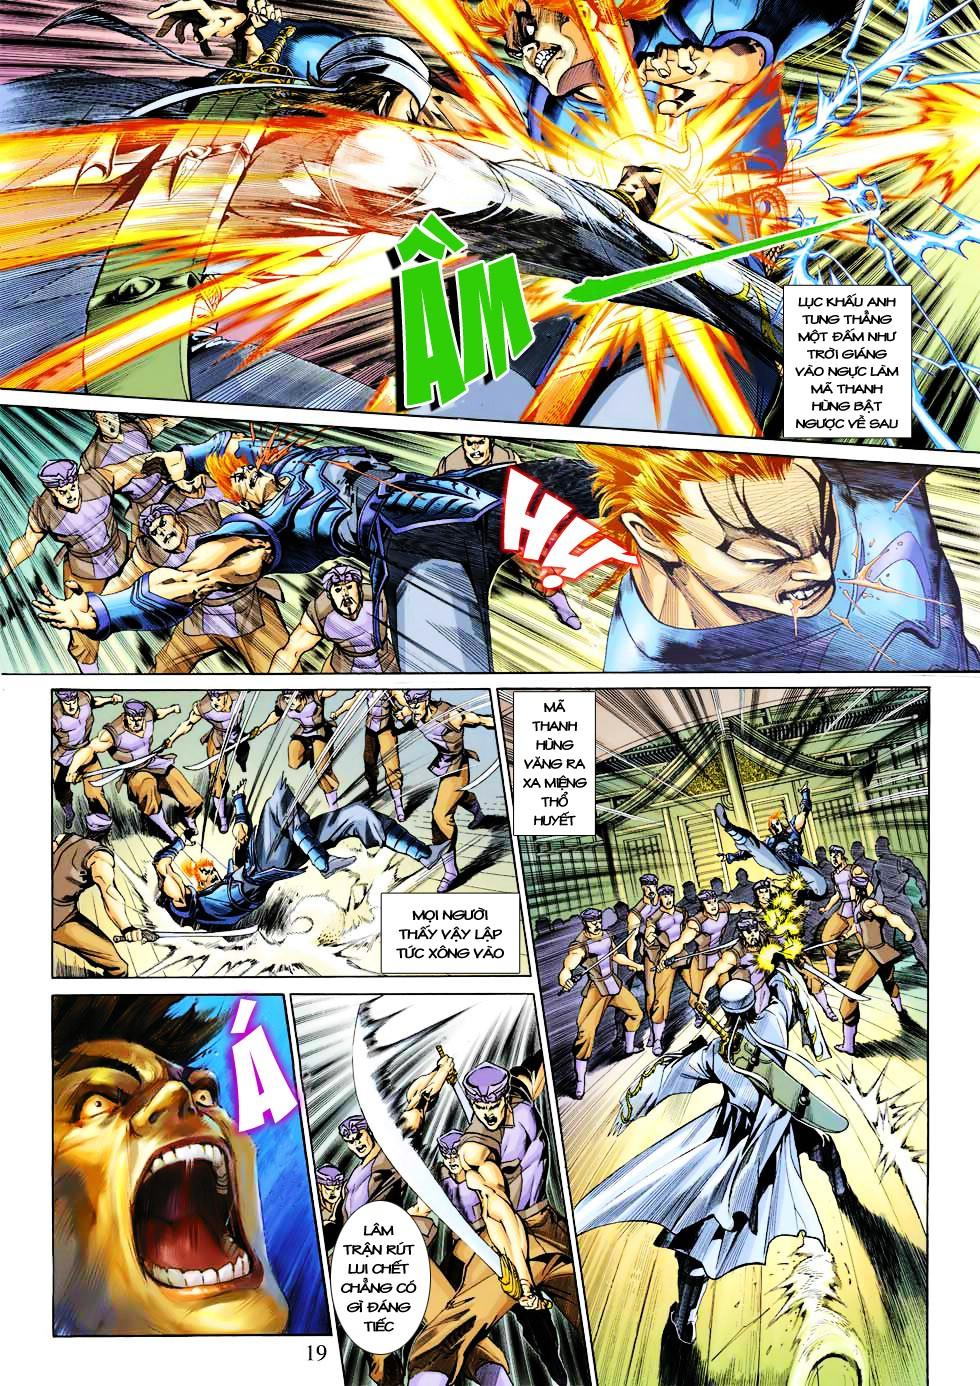 Anh Hùng Xạ Điêu anh hùng xạ đêu chap 27 trang 19